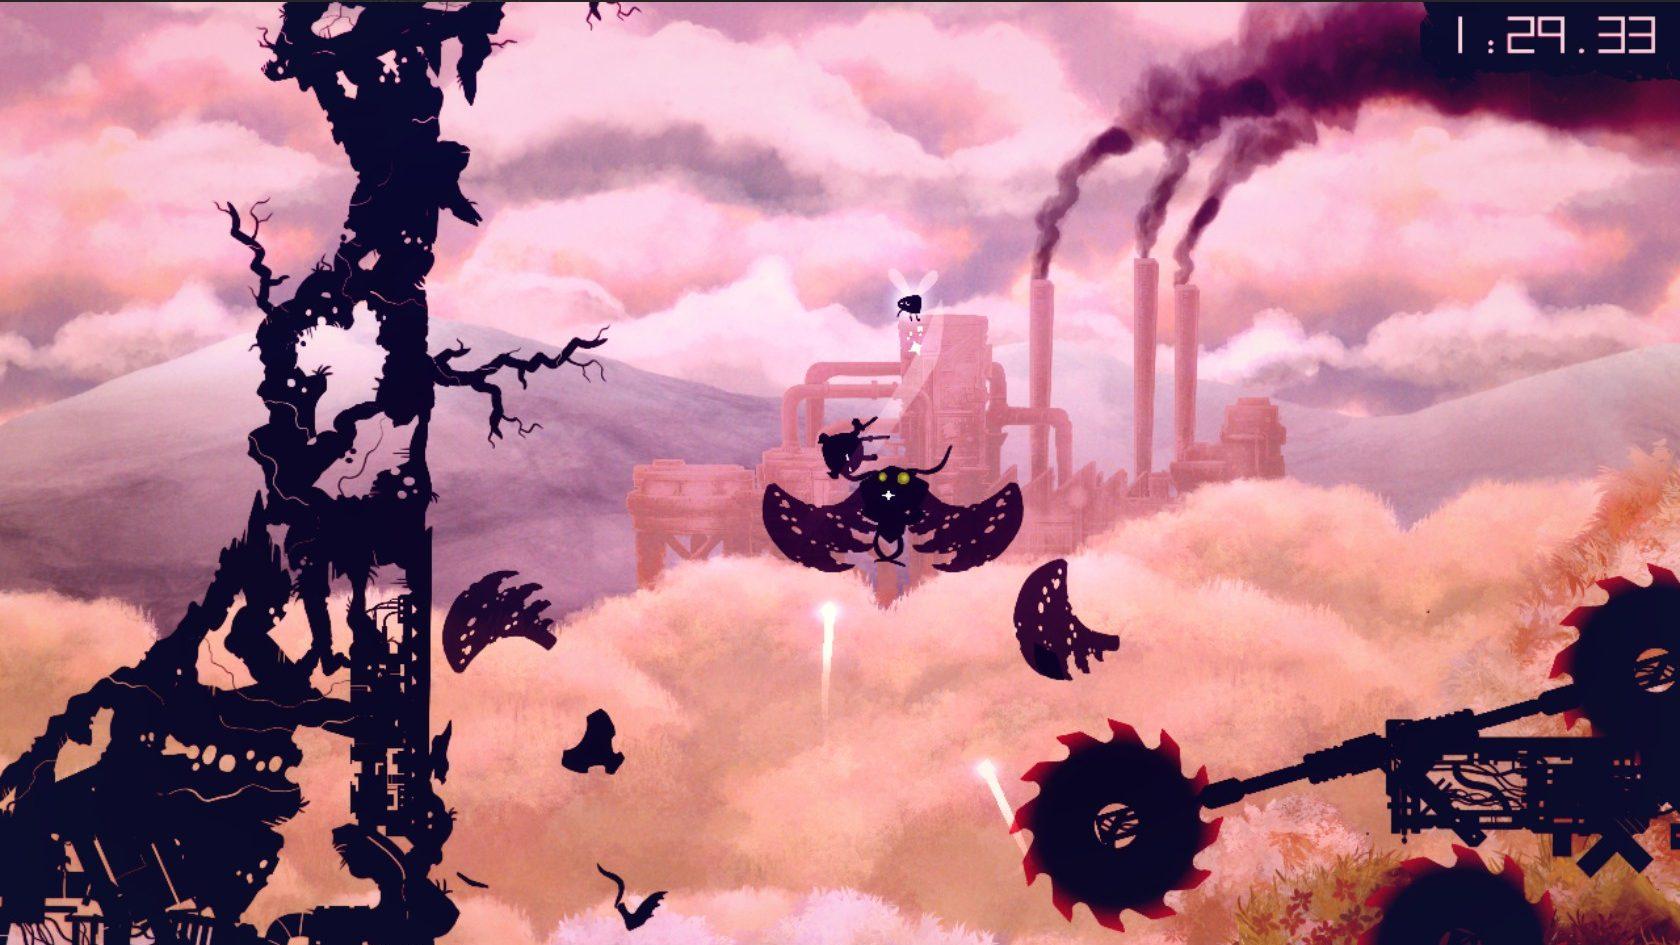 Uma fase inicial de Shadow Bug, que se passa na floresta, mas de onde é possível ver a fábrica ao fundo.